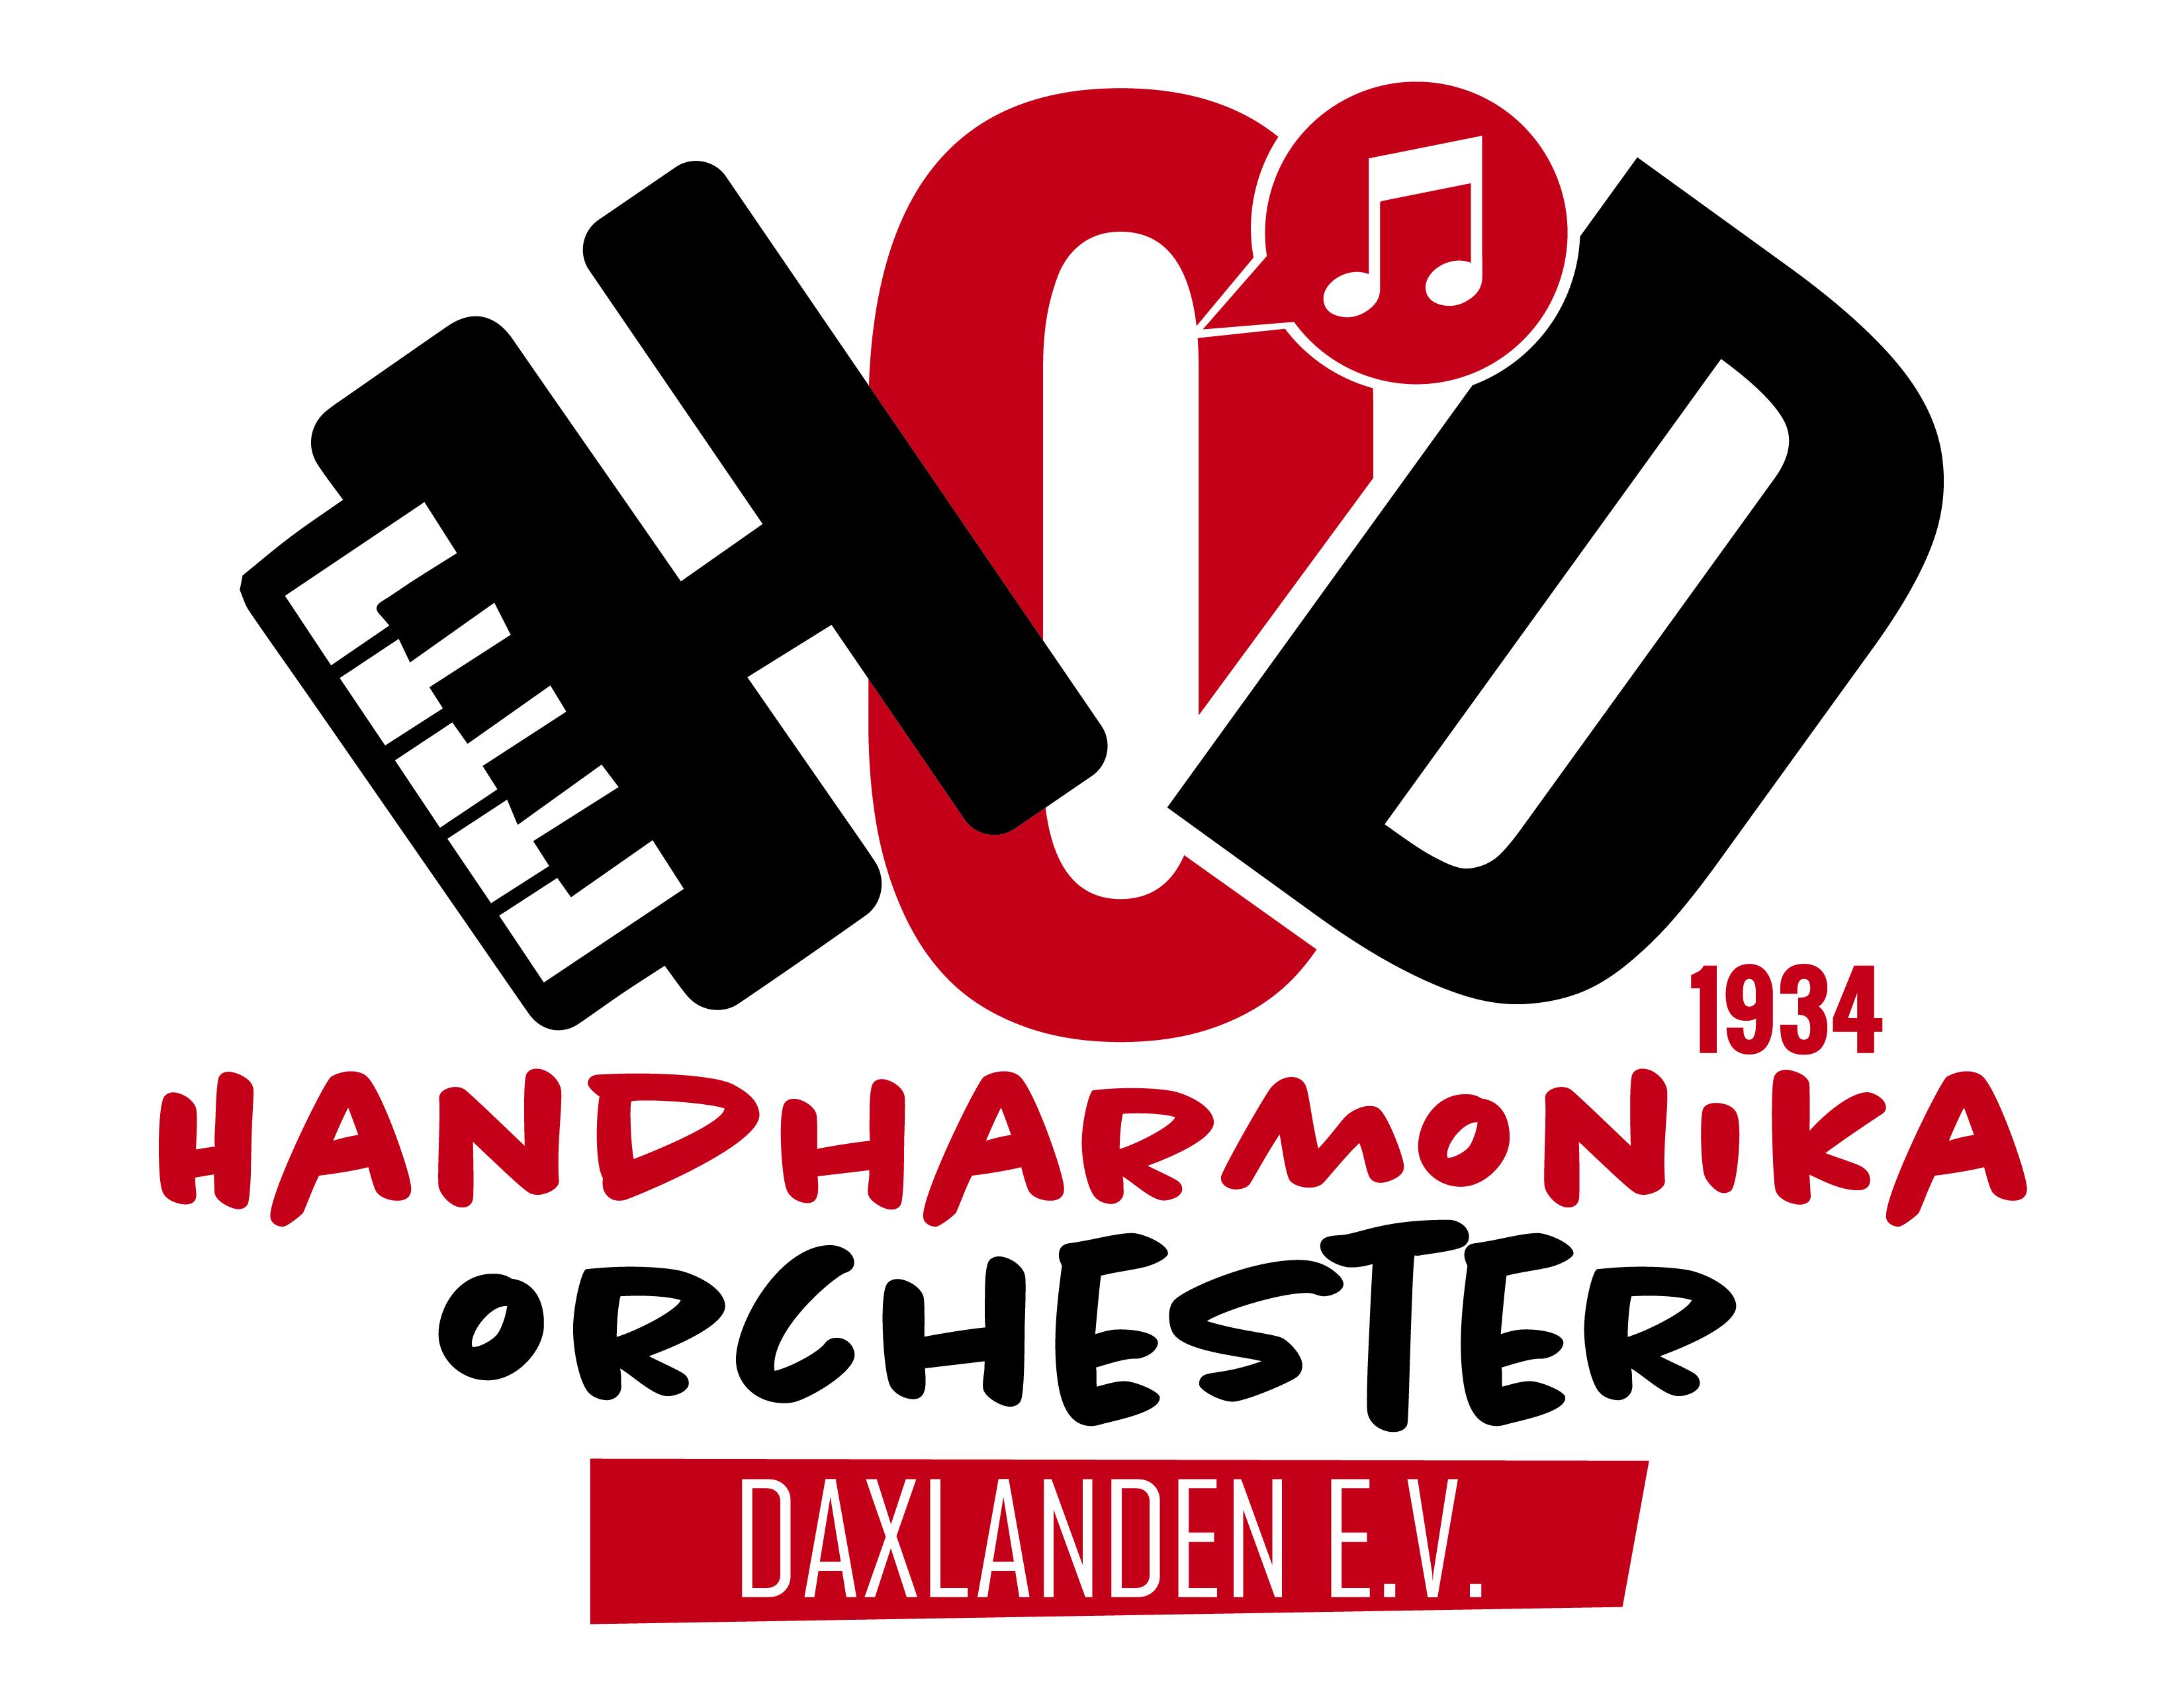 Handharmonika Orchester 1934 Daxlanden e.V.